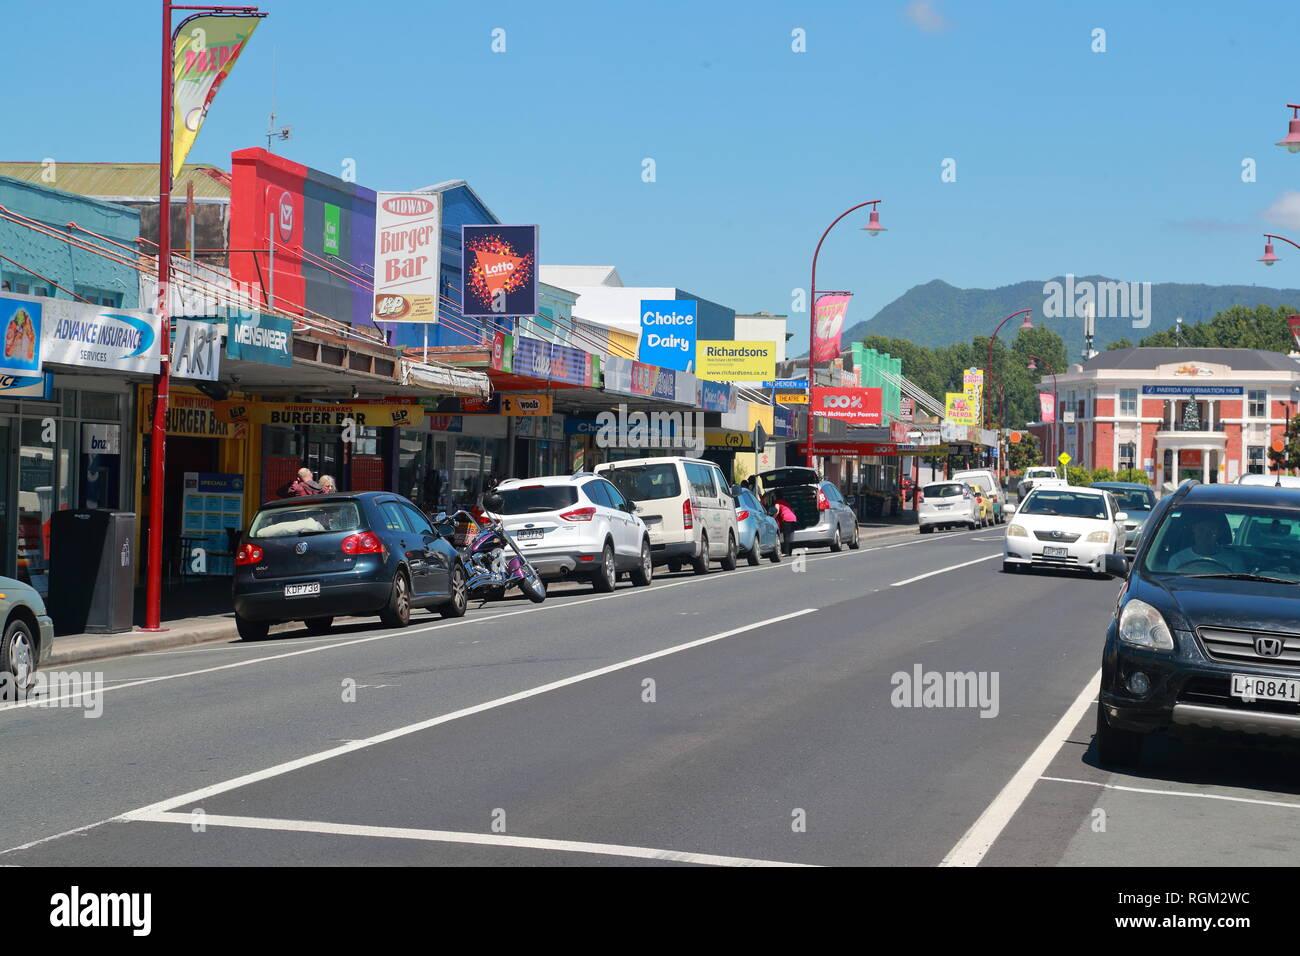 Galerie marchande à Belmont Road, Paeroa, Nouvelle-Zélande Photo Stock